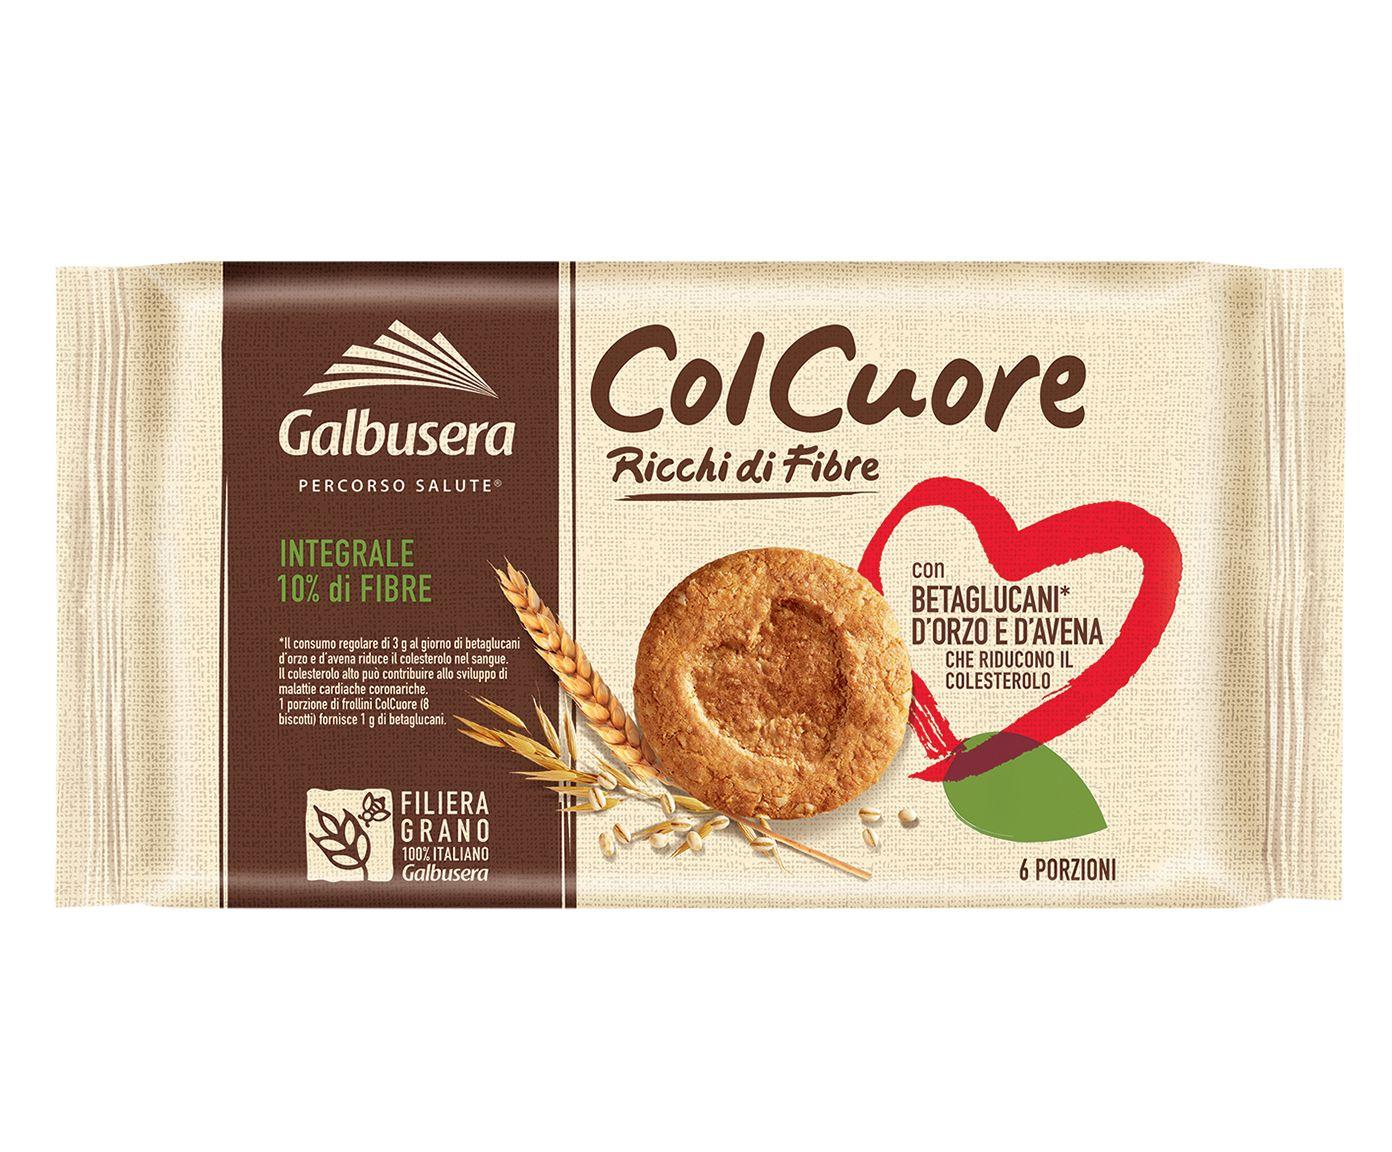 Biscoito Integral com Fibra Colcuore - 300G | Westwing.com.br